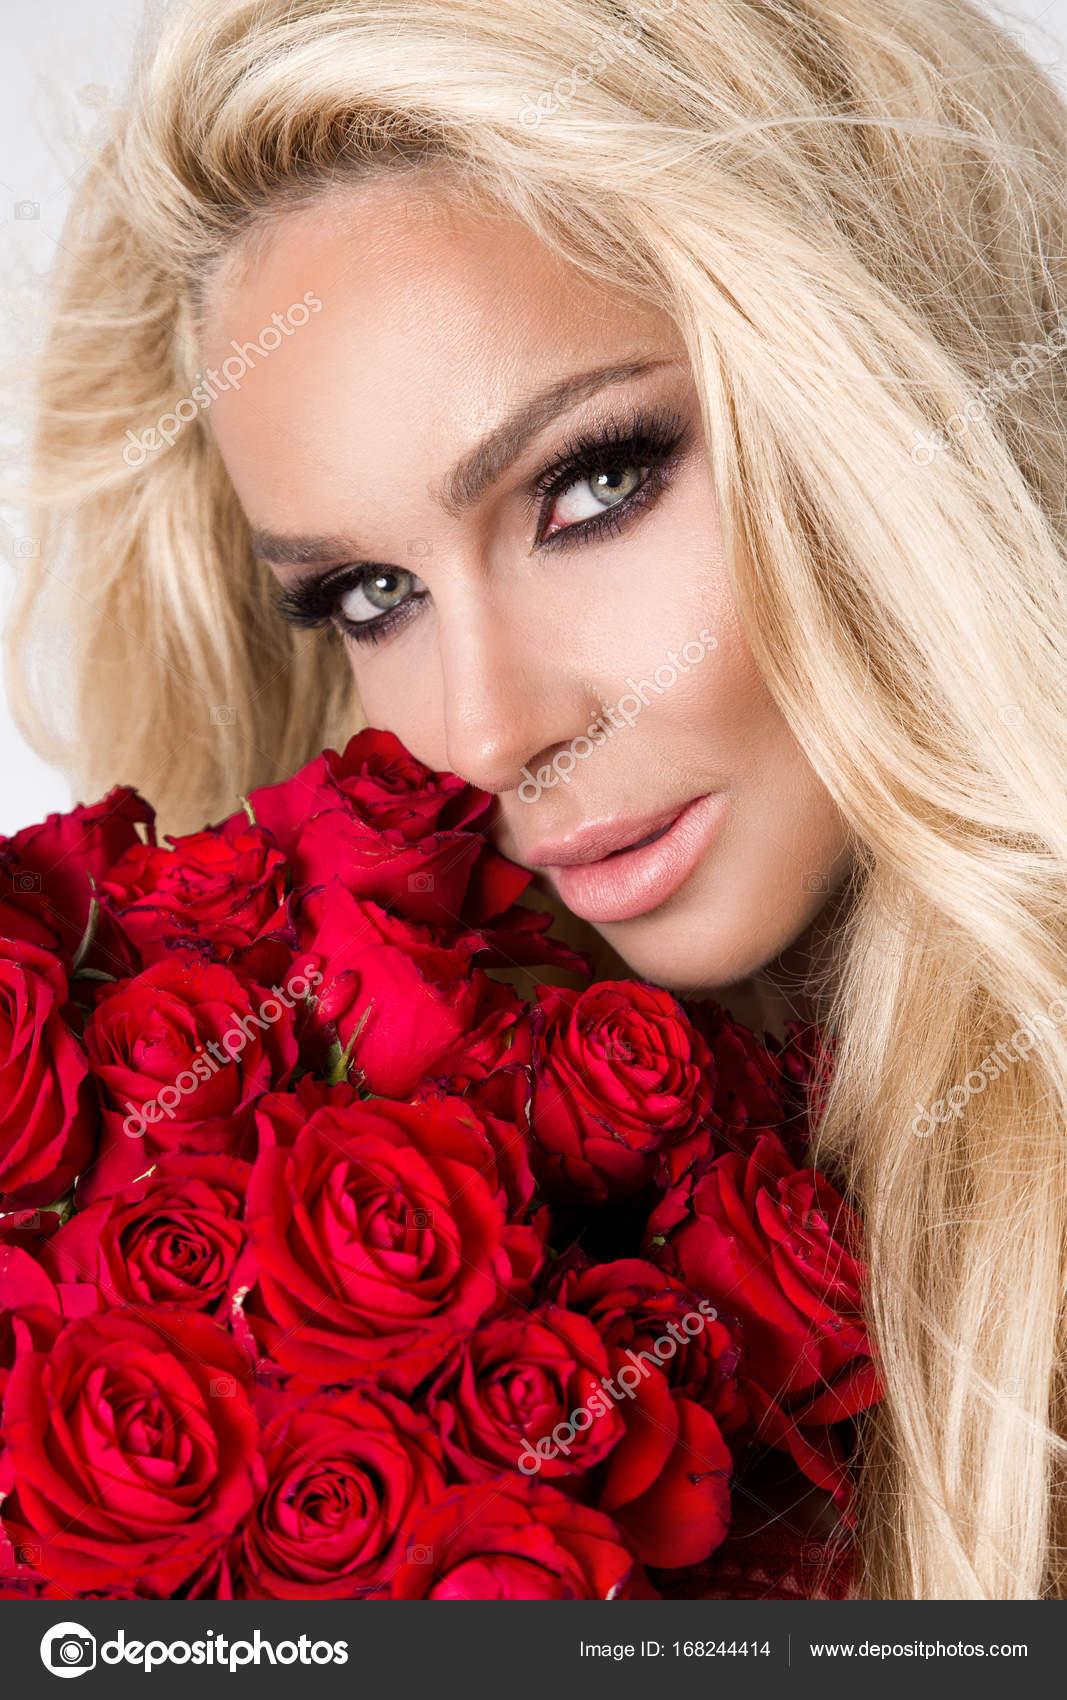 ecc668ef1468 Όμορφη σέξι ξανθιά σε κομψά εσώρουχα σε λευκό φόντο. Κορίτσι κρατώντας ένα  μπουκέτο κόκκινα τριαντάφυλλα